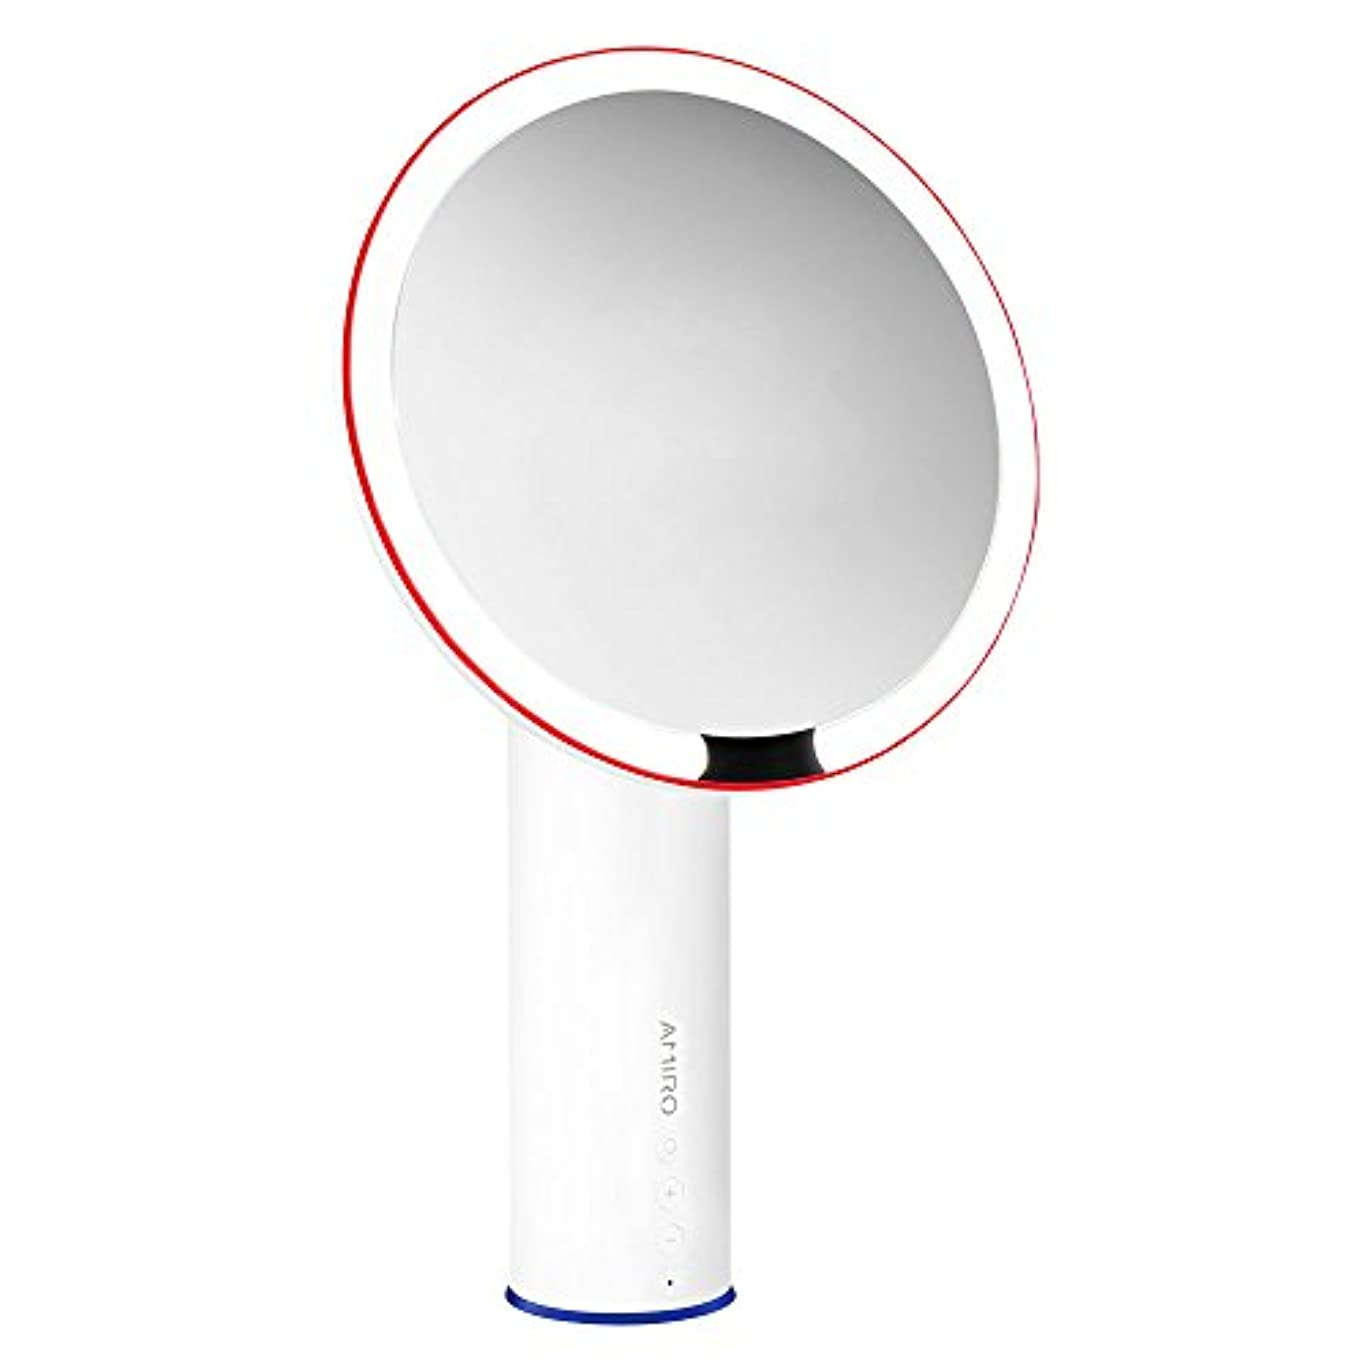 不十分な医療の証言するAMIRO LED化粧鏡 人感センサー付き 化粧ミラー LEDライト付き 卓上鏡 女優ミラー 3段階明るさ調節可能